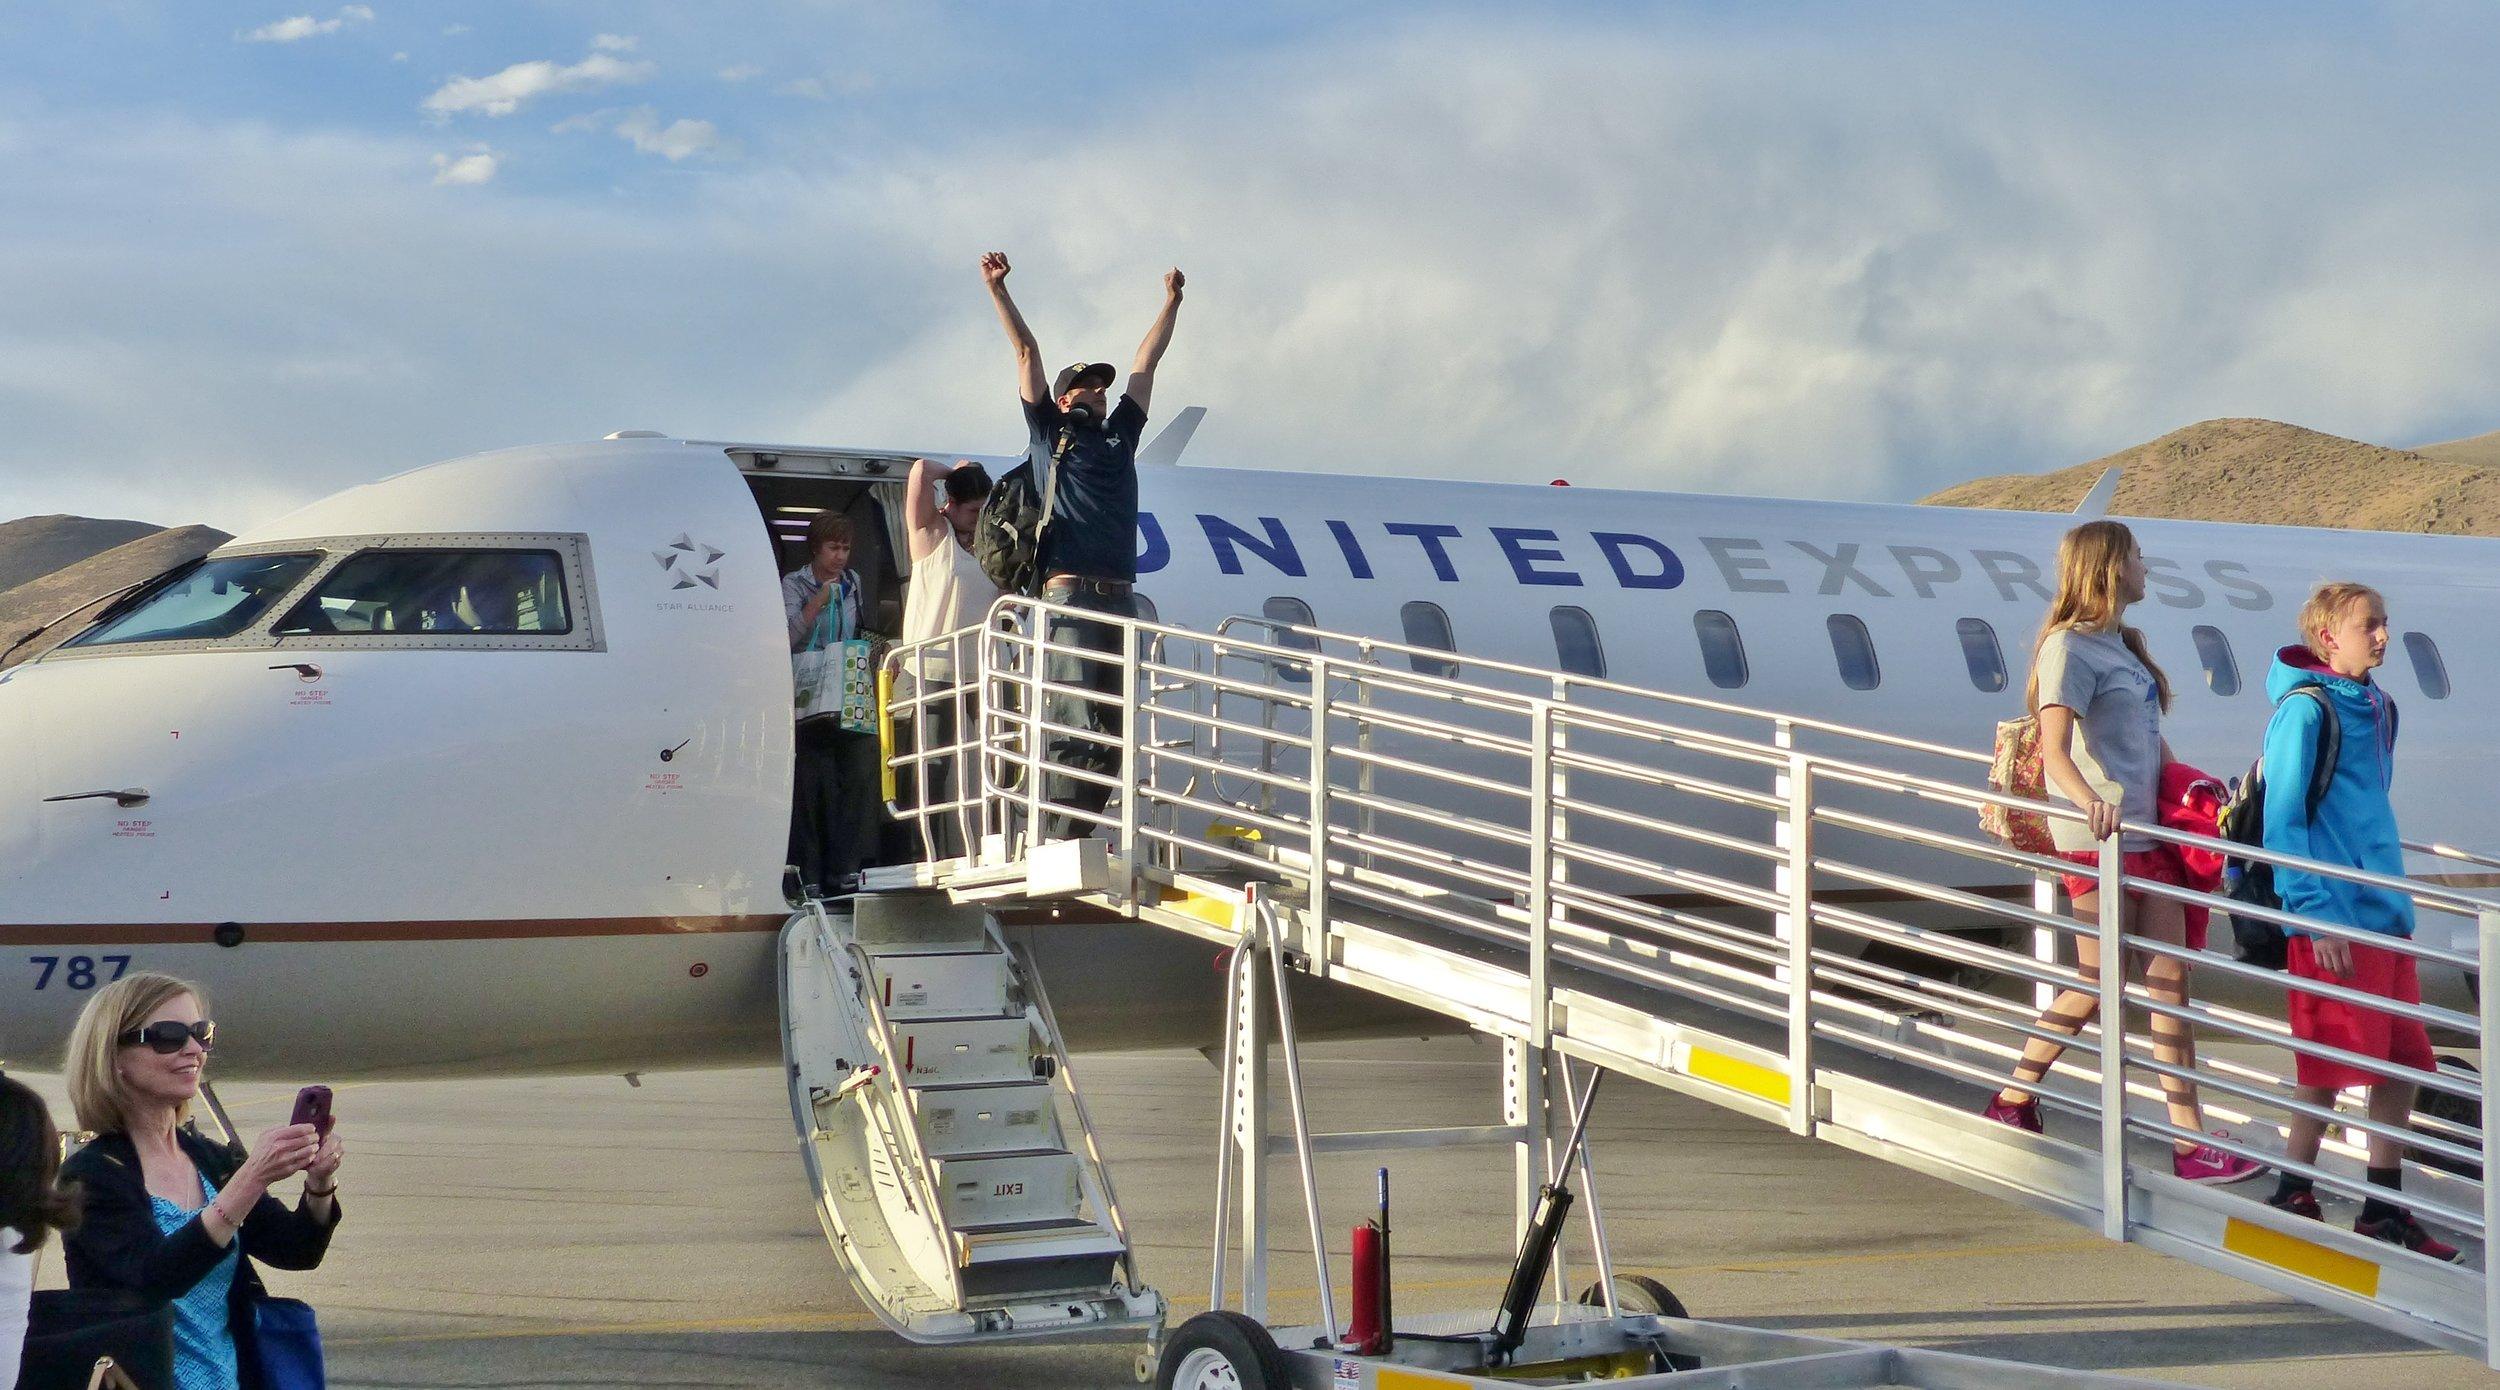 United DEN flight passenger celebrates. Credit Carol Waller 2014.JPG